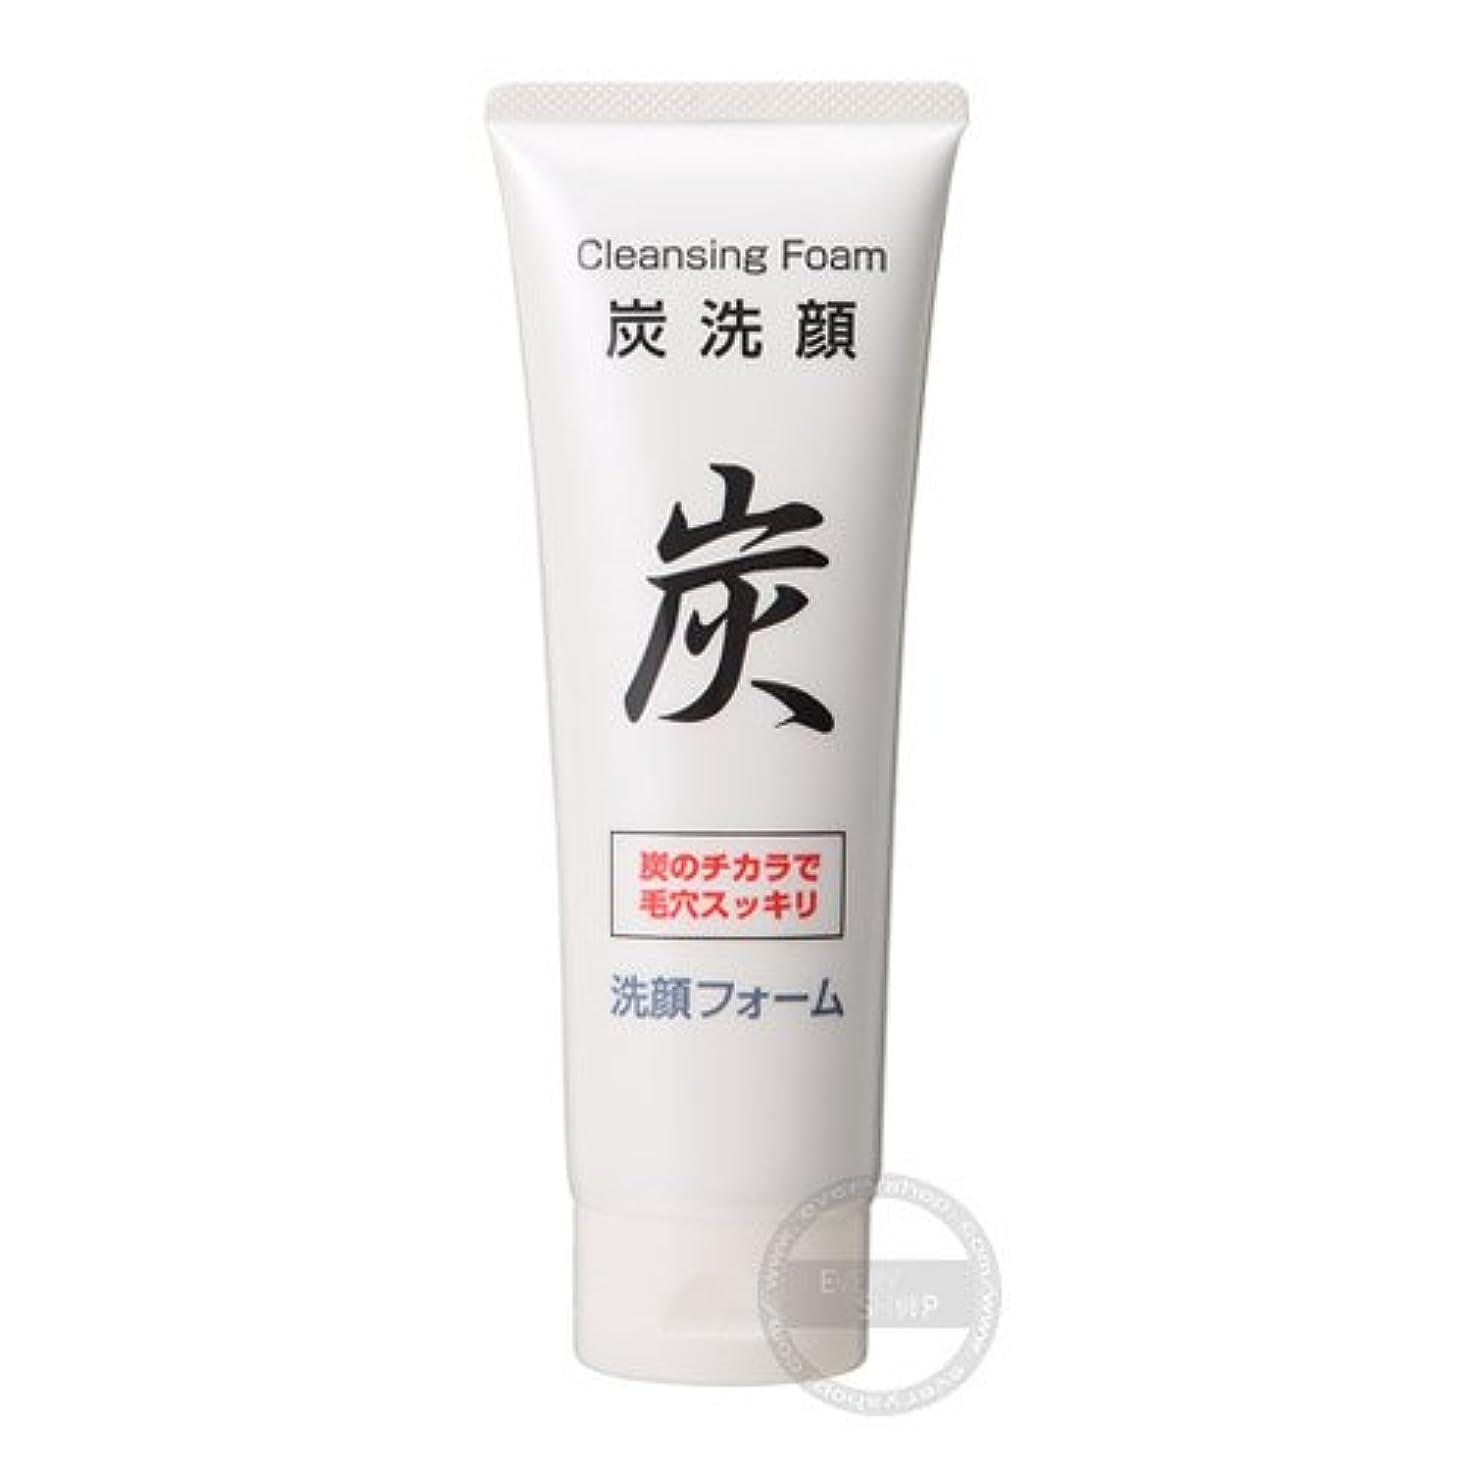 炭洗顔 洗顔フォーム‐KH544725